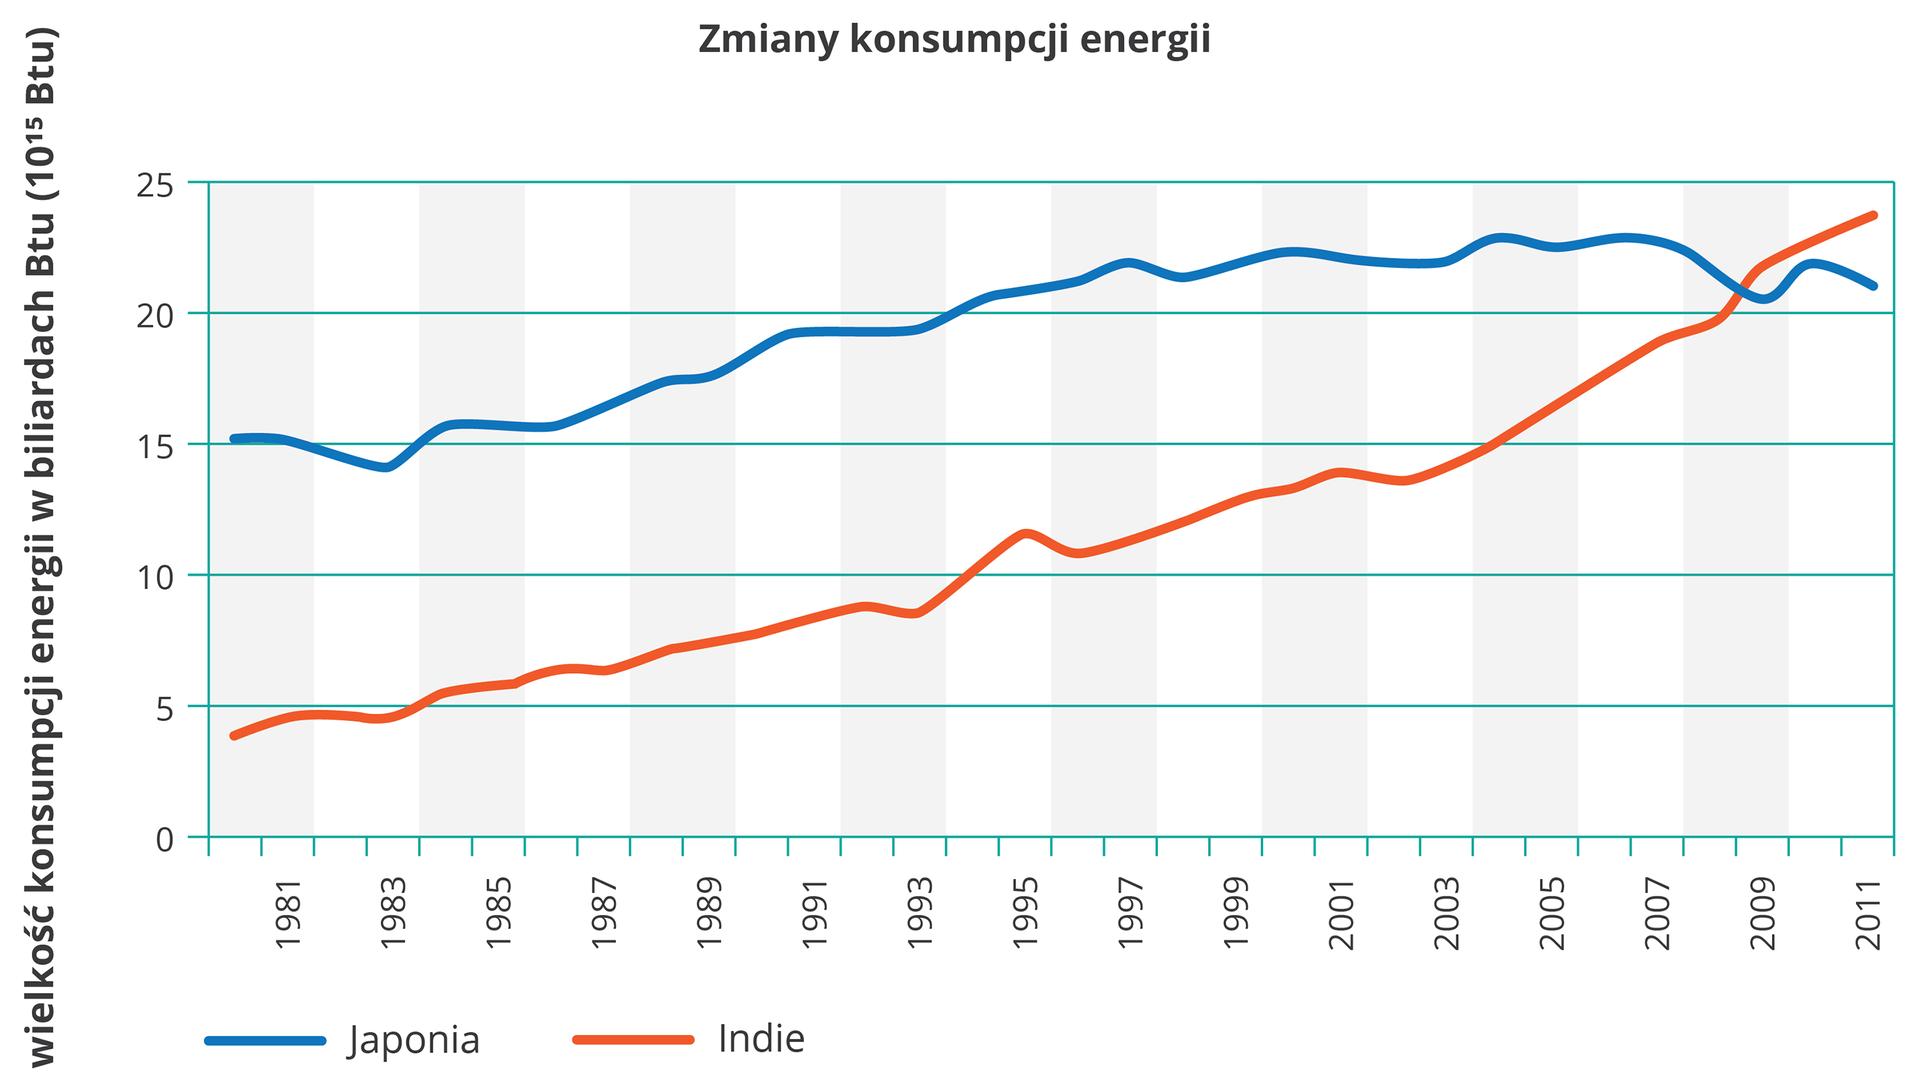 """Na ilustracji wykres liniowy. Zlewej strony na osi pionowej opisano wartości od zera do dwudziestu pięciu (wielkość konsumpcji energii wbiliardach """"be te u""""). Na osi poziomej opisano lata od tysiąc dziewięćset osiemdziesiąt jeden do dwa tysiące jedenaście. Liniami przedstawiono zmiany konsumpcji energii – wJaponii kolor niebieski, wIndiach – kolor czerwony. Niebieski wykres położony wyżej nad czerwonym. Ogólna tendencja rosnąca ale wykres niebieski na końcu nieco opada."""